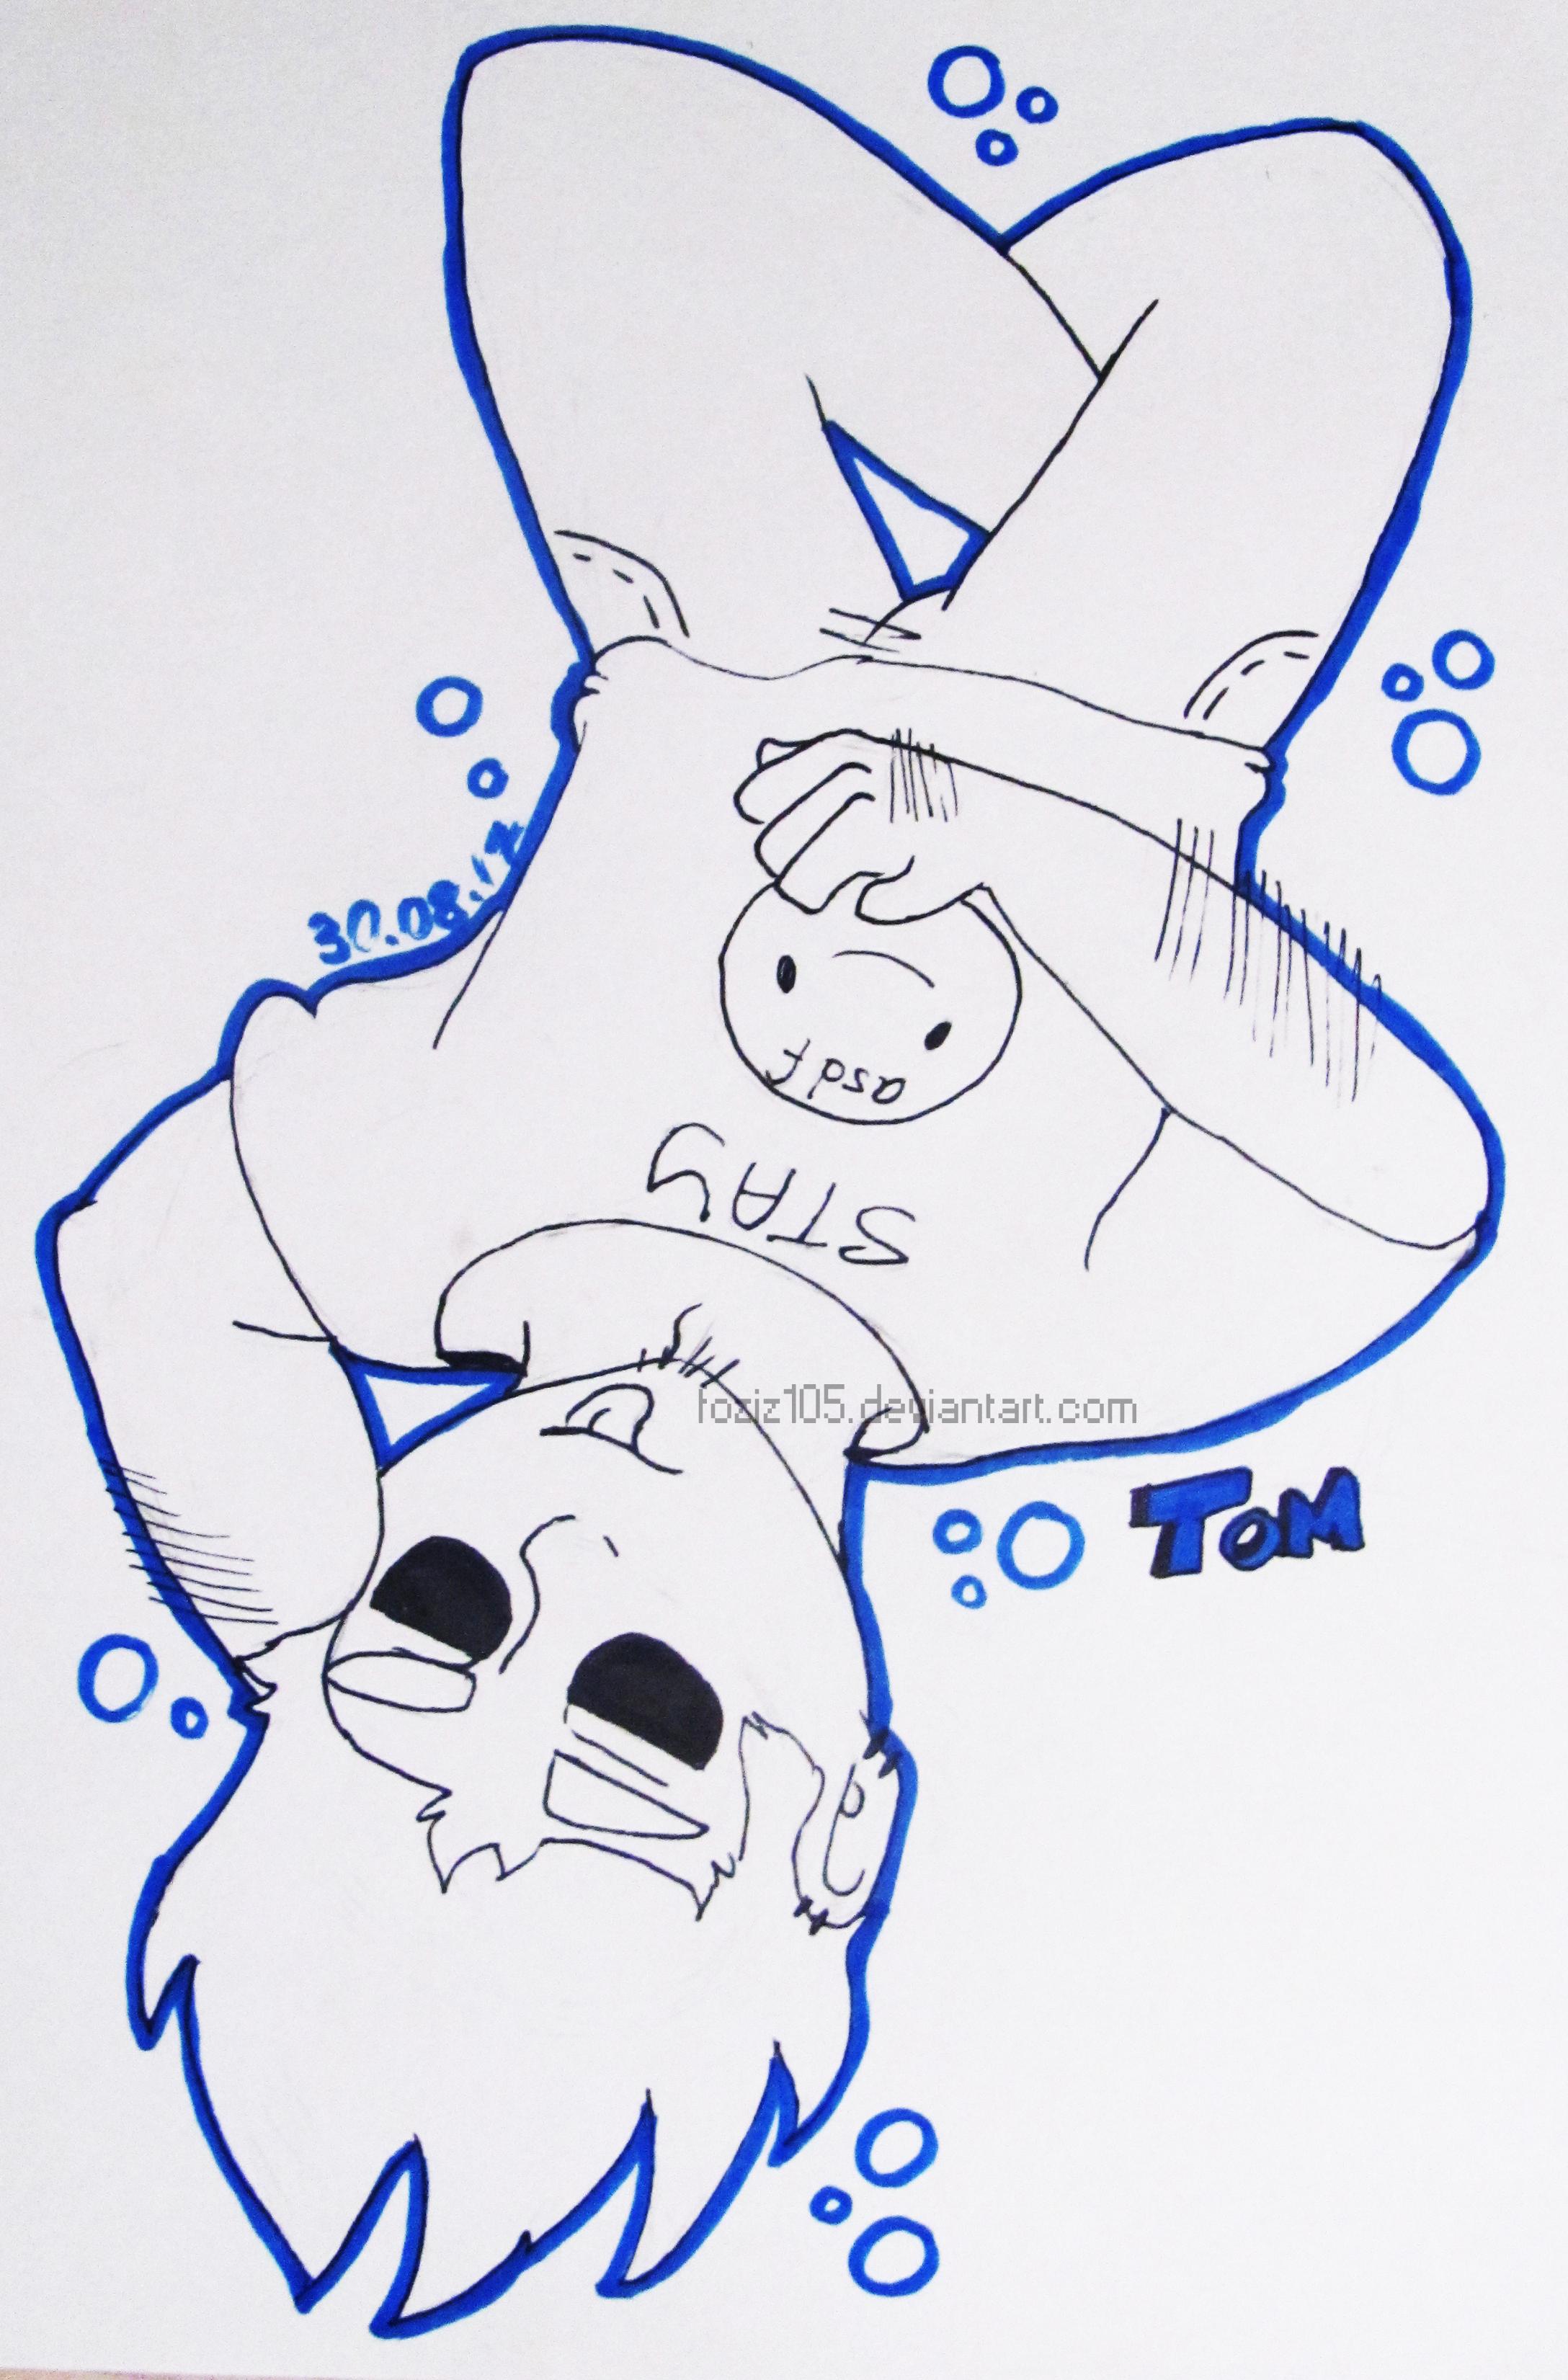 Stay Safe [Semi Style] by Foziz105